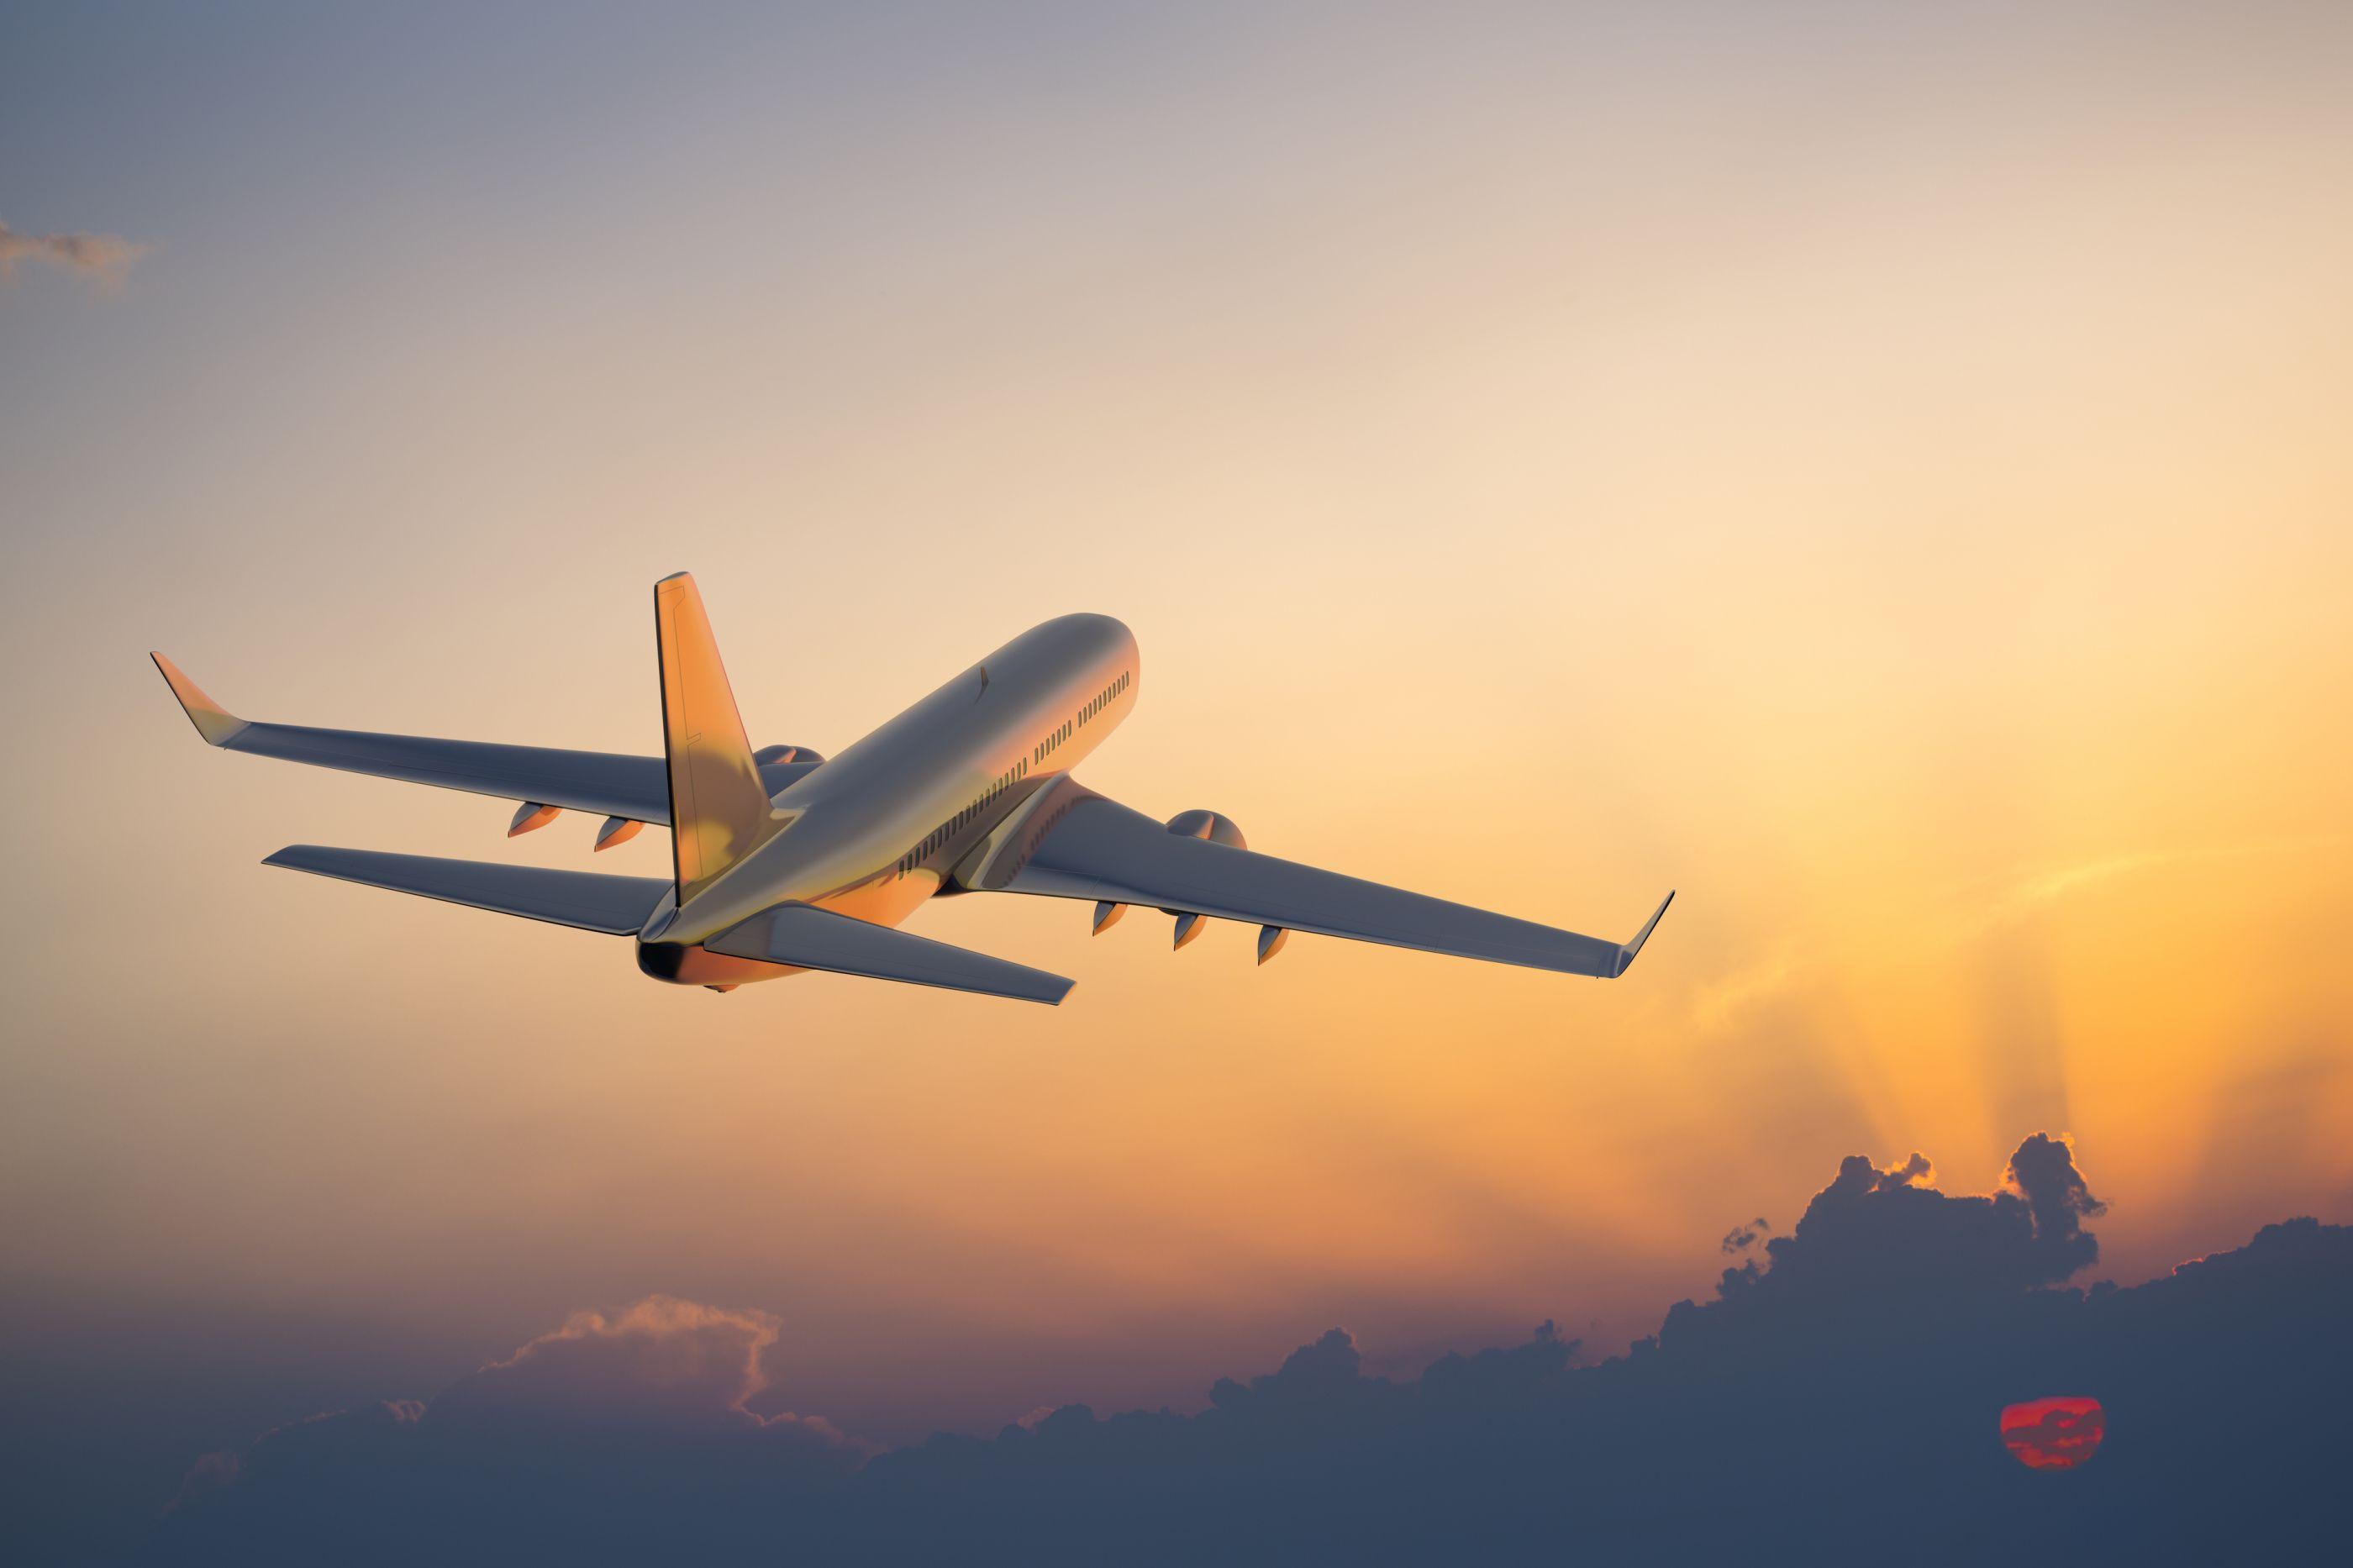 ZERO defende fim das isenções fiscais no combustível aéreo